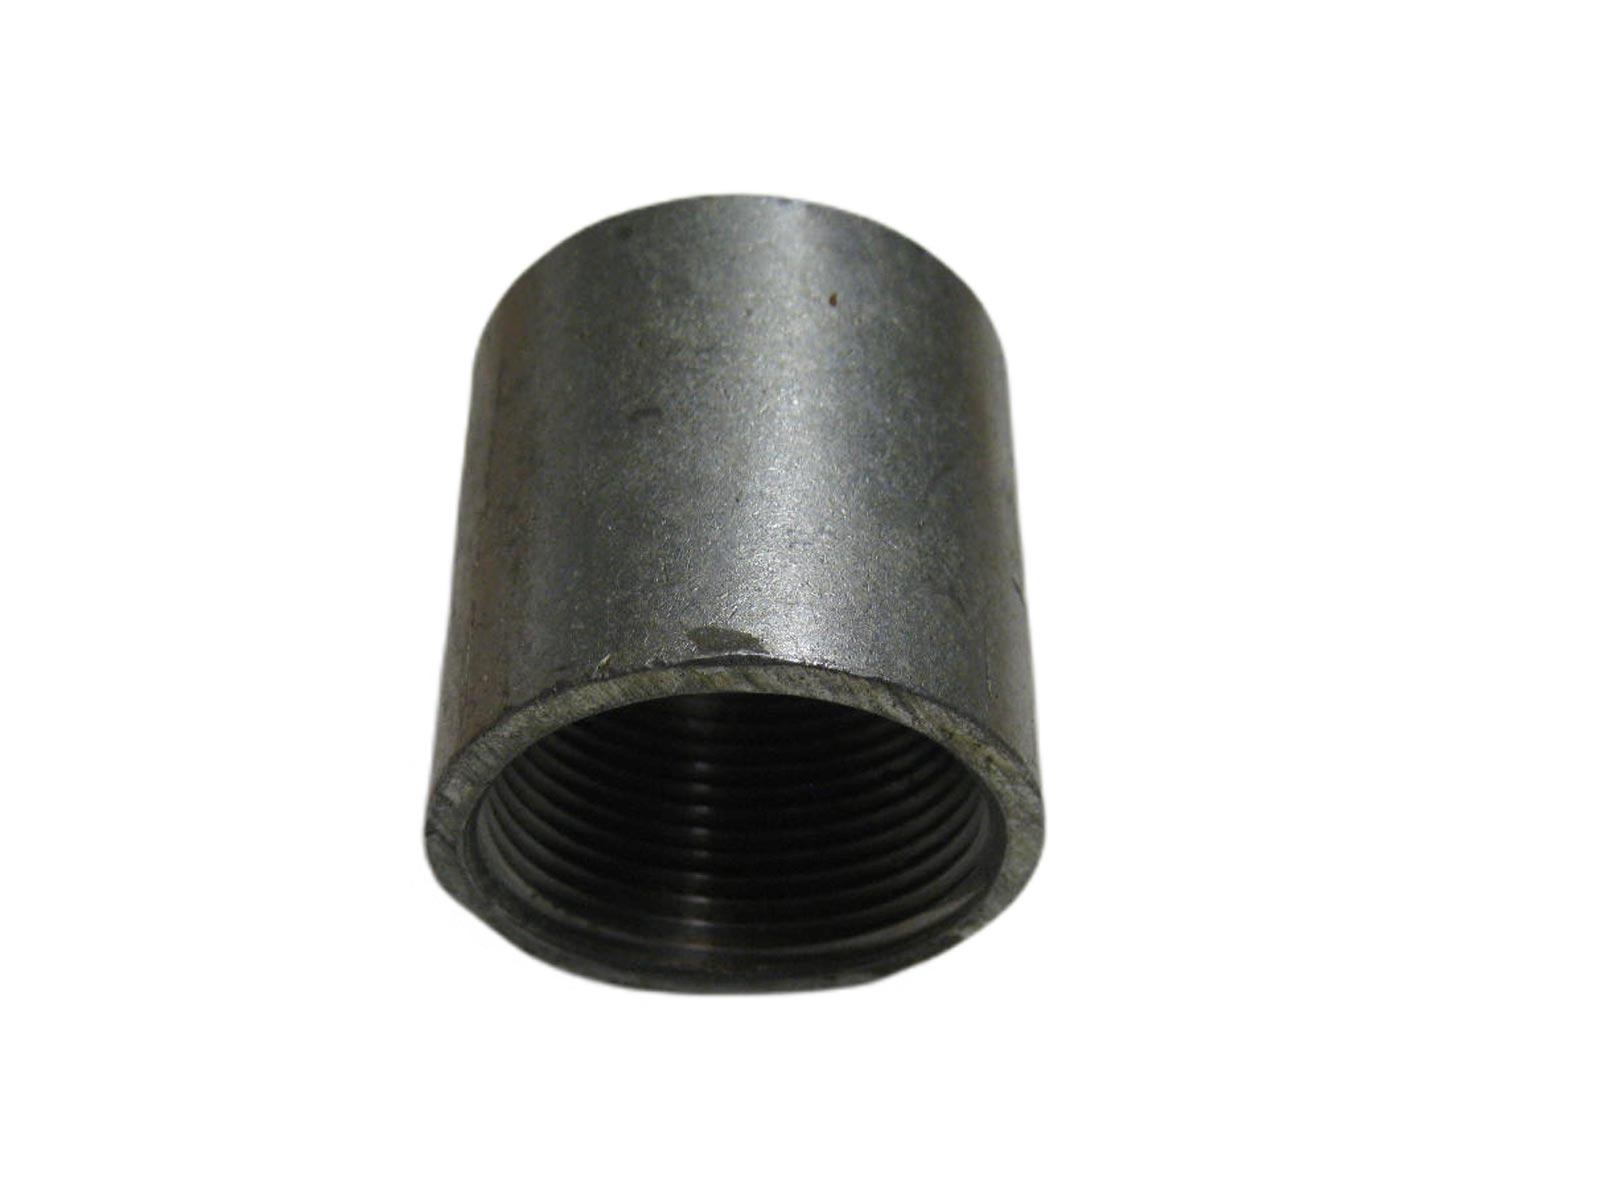 Muffe für Rammfilter 1 1/4 zoll Stahl